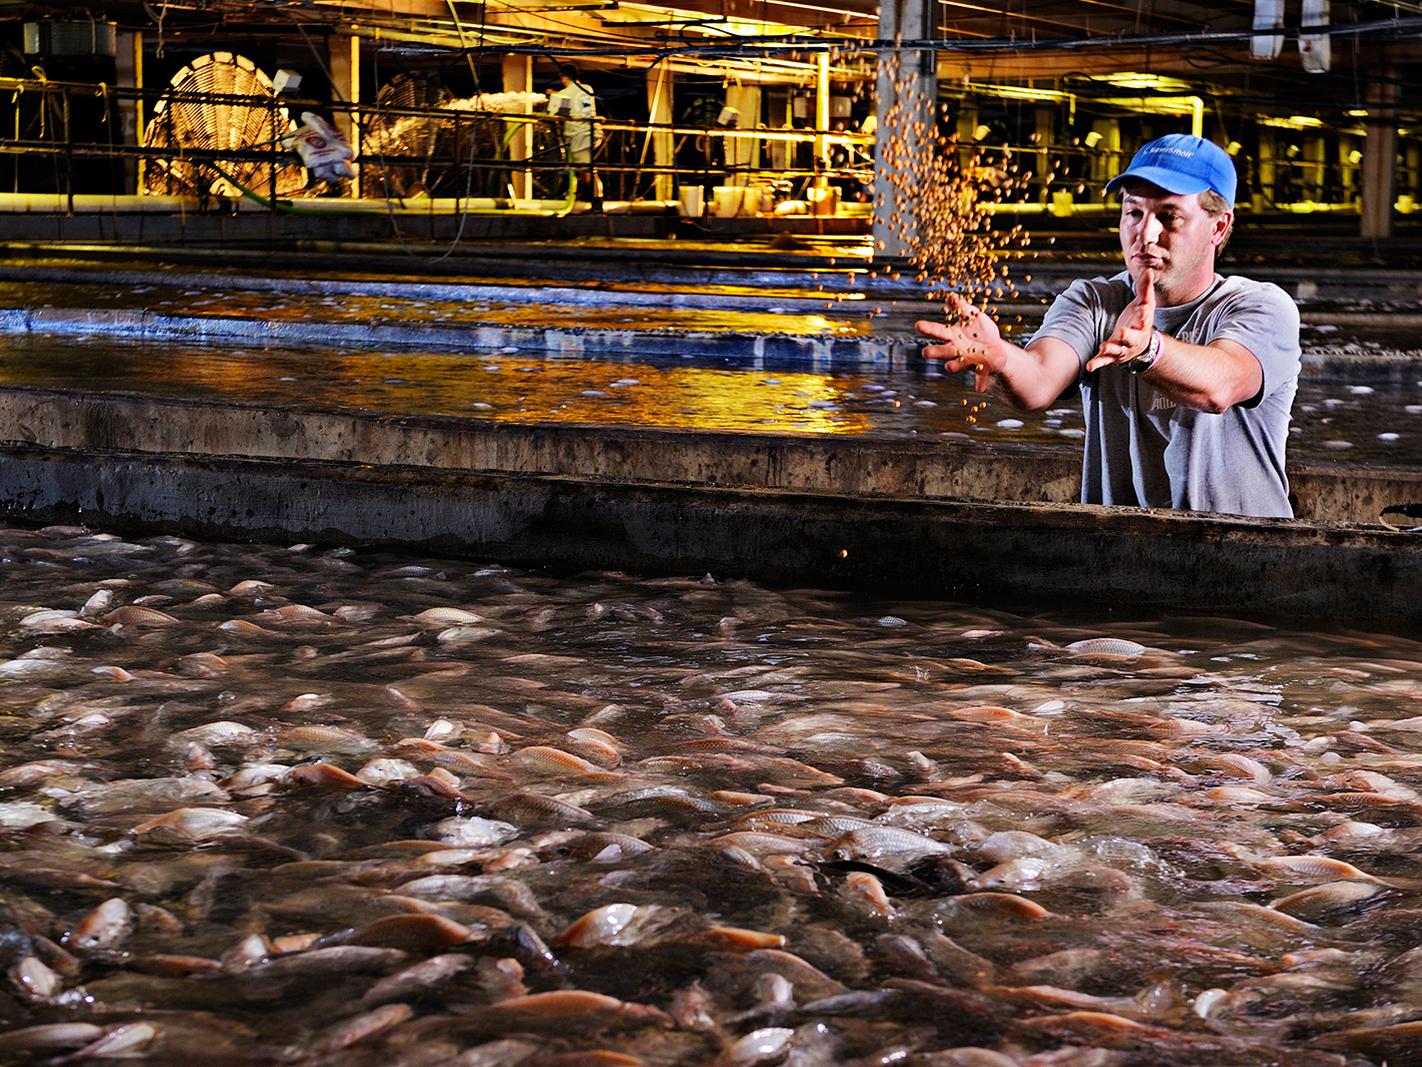 Indoor Shrimp Farming Equipment